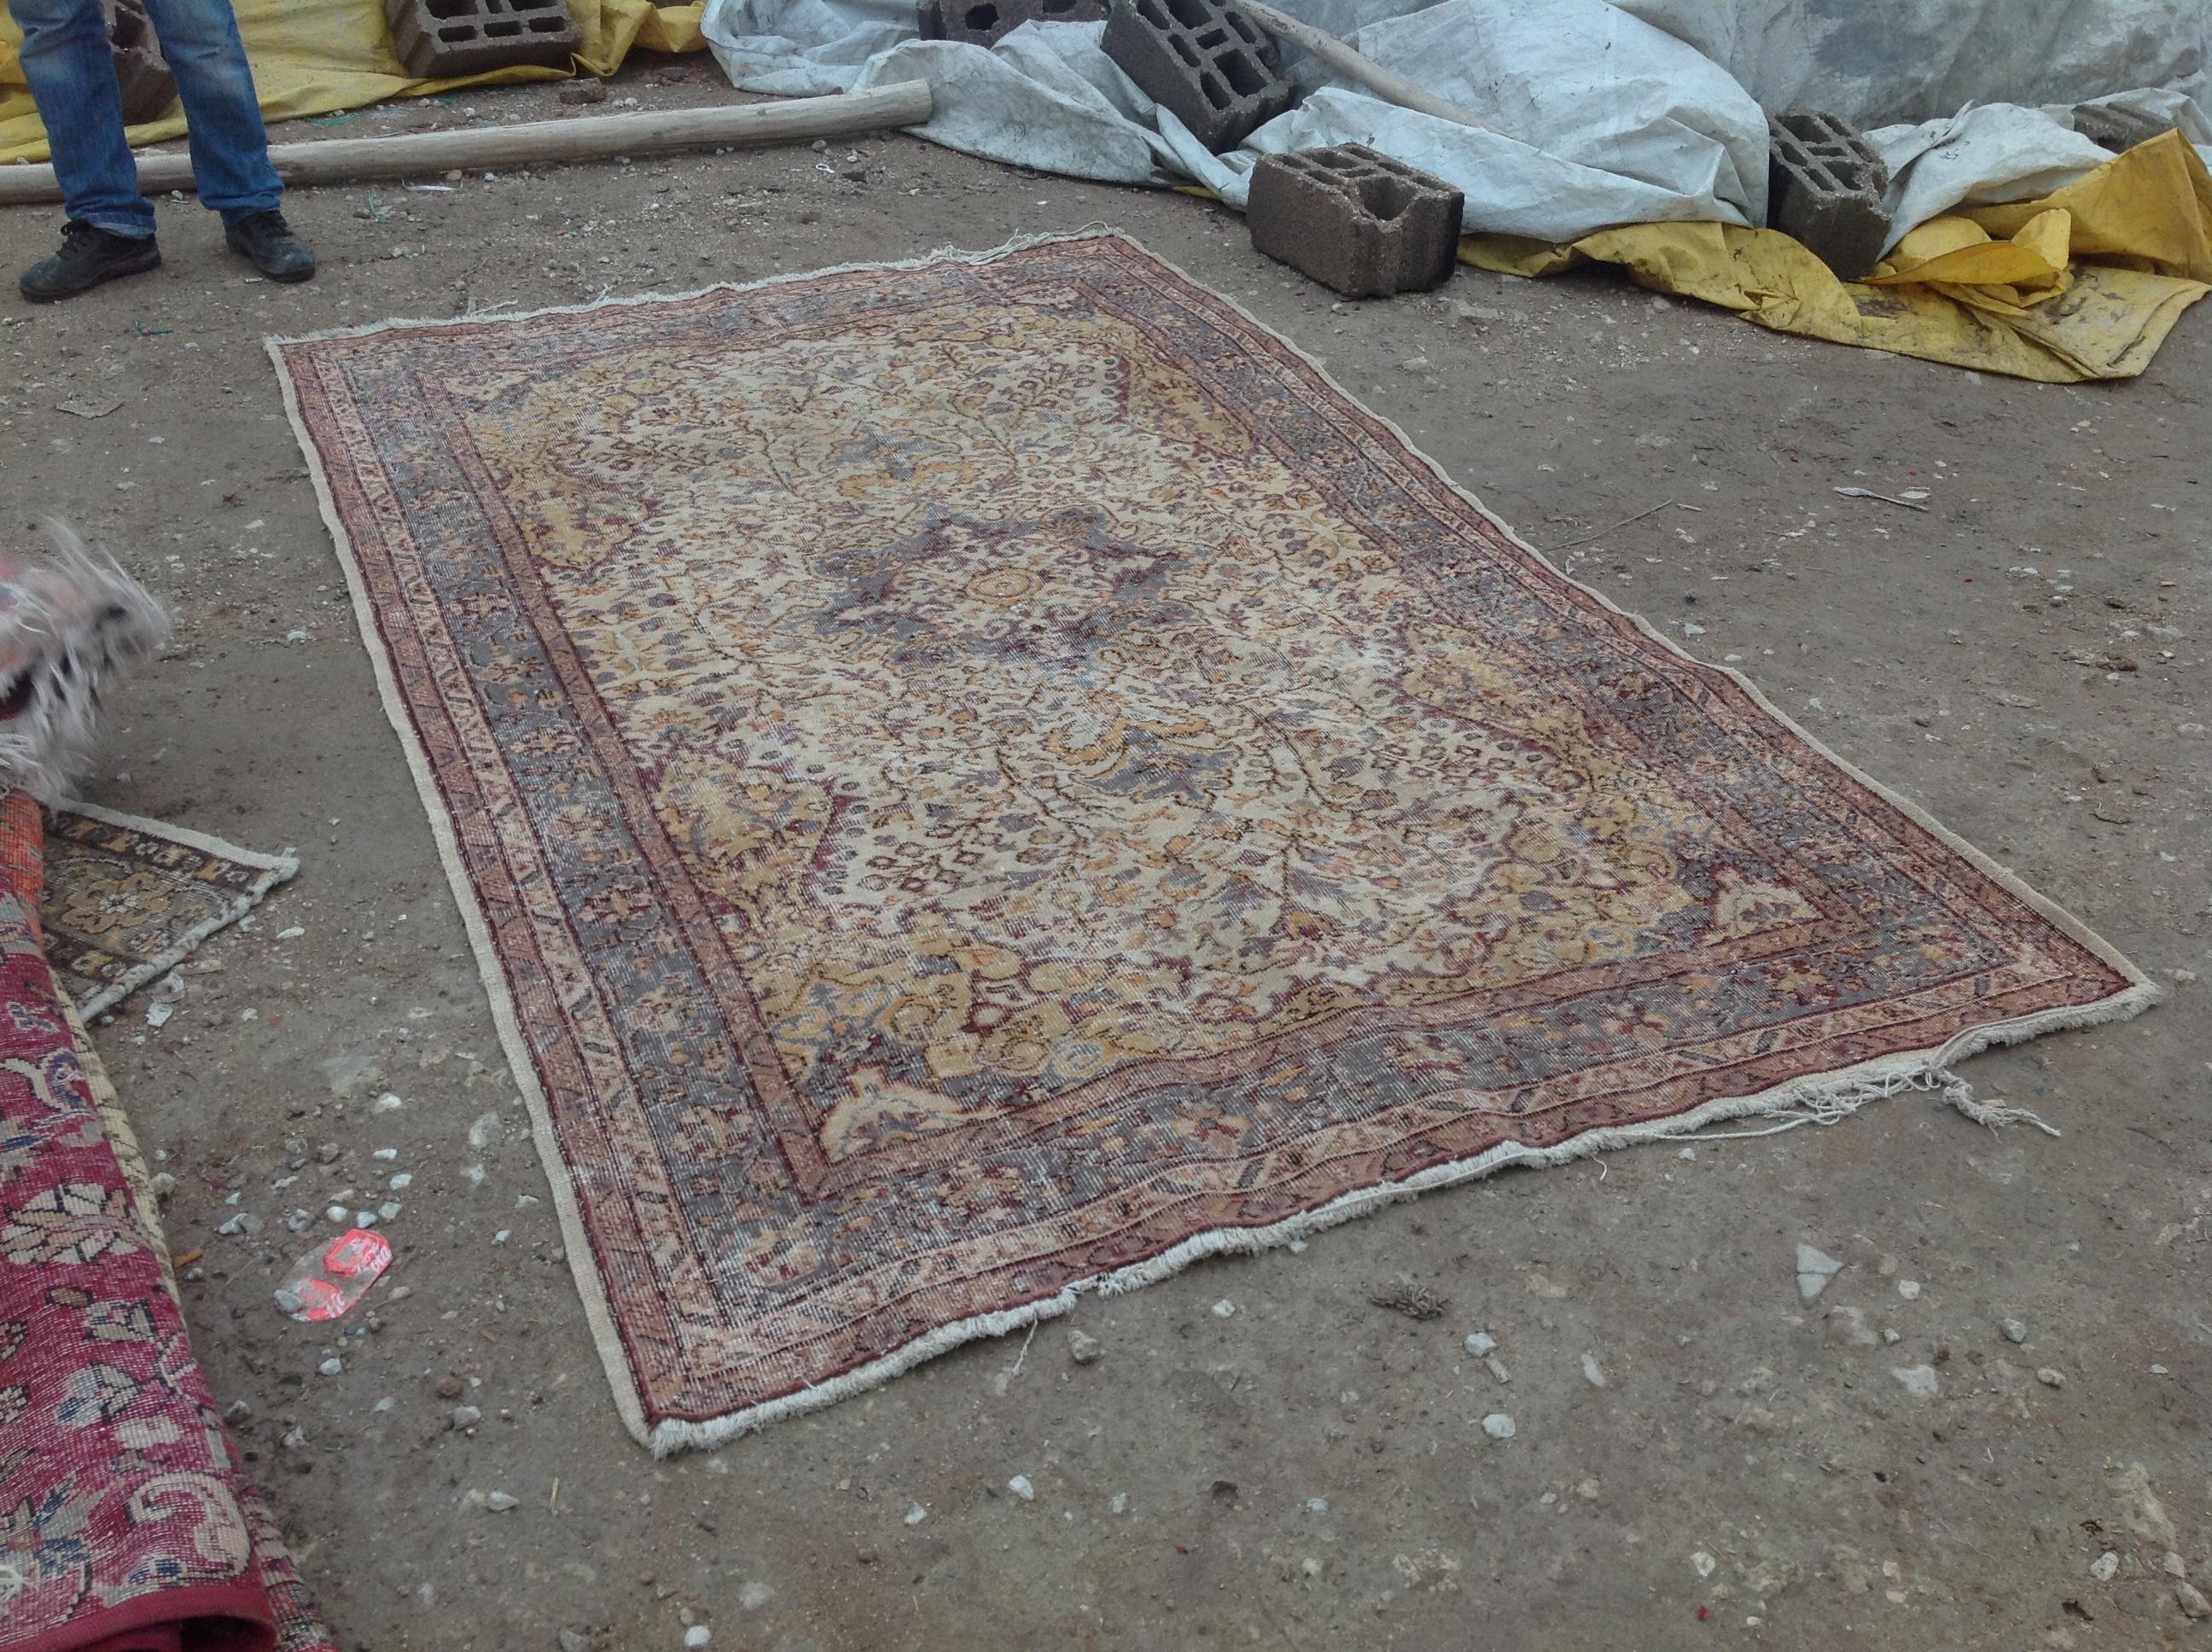 NIEUW INGEKOCHT vintage vloerkleed  uit Turkije 262cm x 172cm, no 4592 LEVERBAAR VANAF 15 DECEMBER